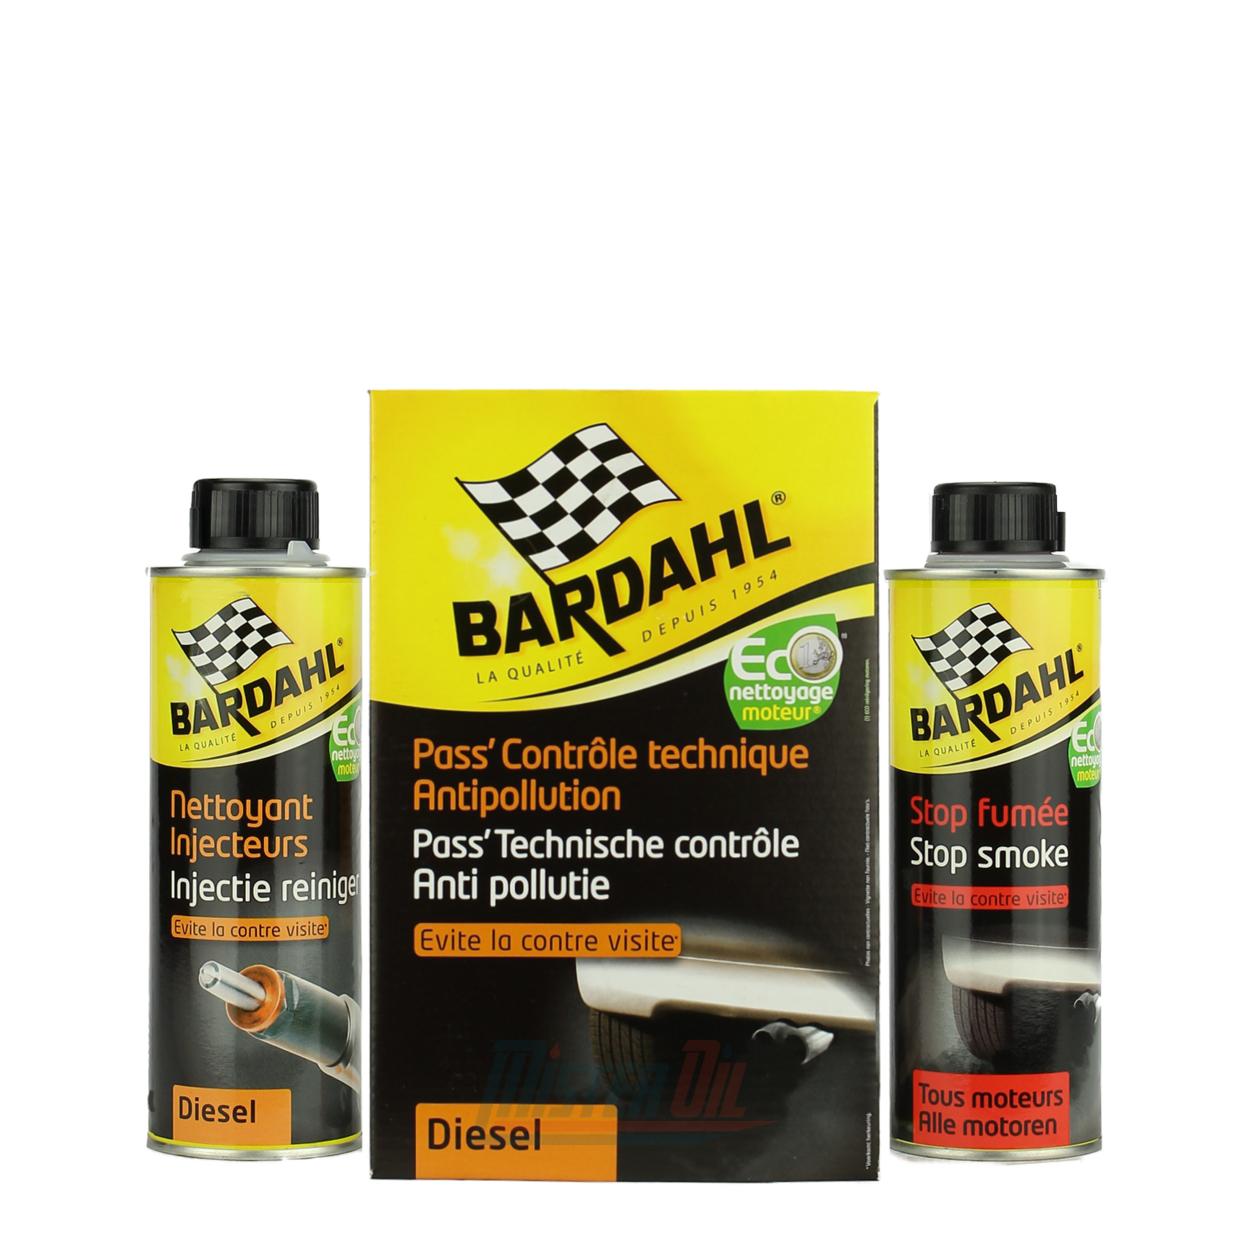 bardahl pass controle technique antipollution diesel 90453 misteroil nr 1 en belgique. Black Bedroom Furniture Sets. Home Design Ideas